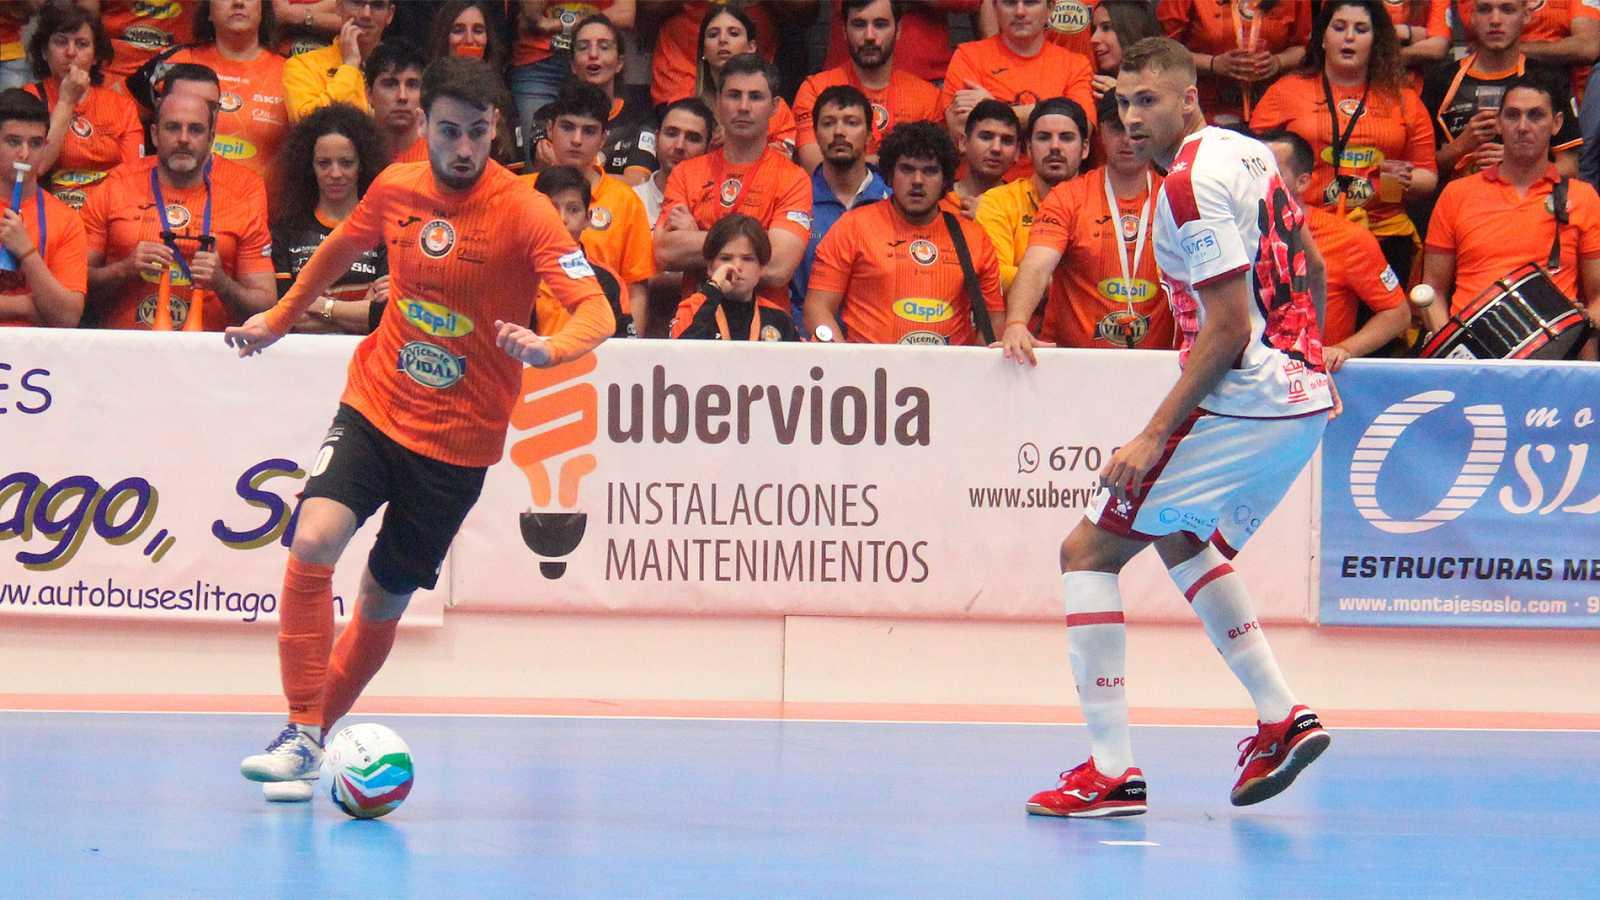 El equipo navarro ha conseguido la primera victoria del primer duelo de los playoffs de la Liga Nacional de Fútbol Sala.